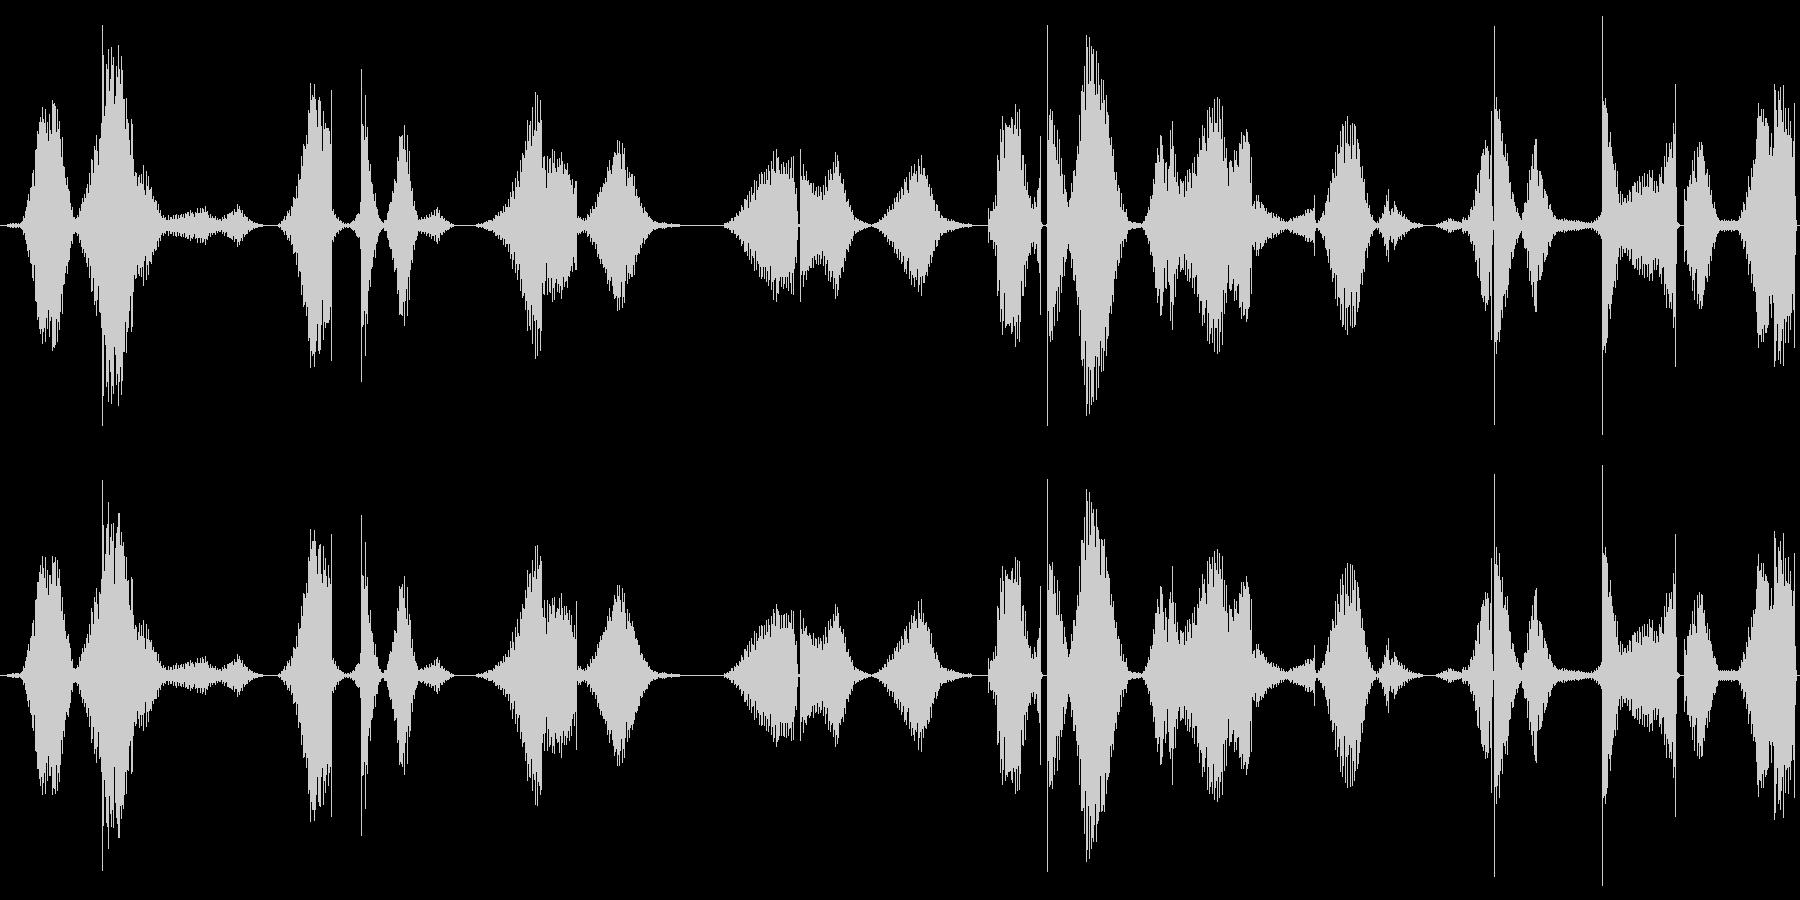 ザー(途切れが入っている機械のノイズ)の未再生の波形